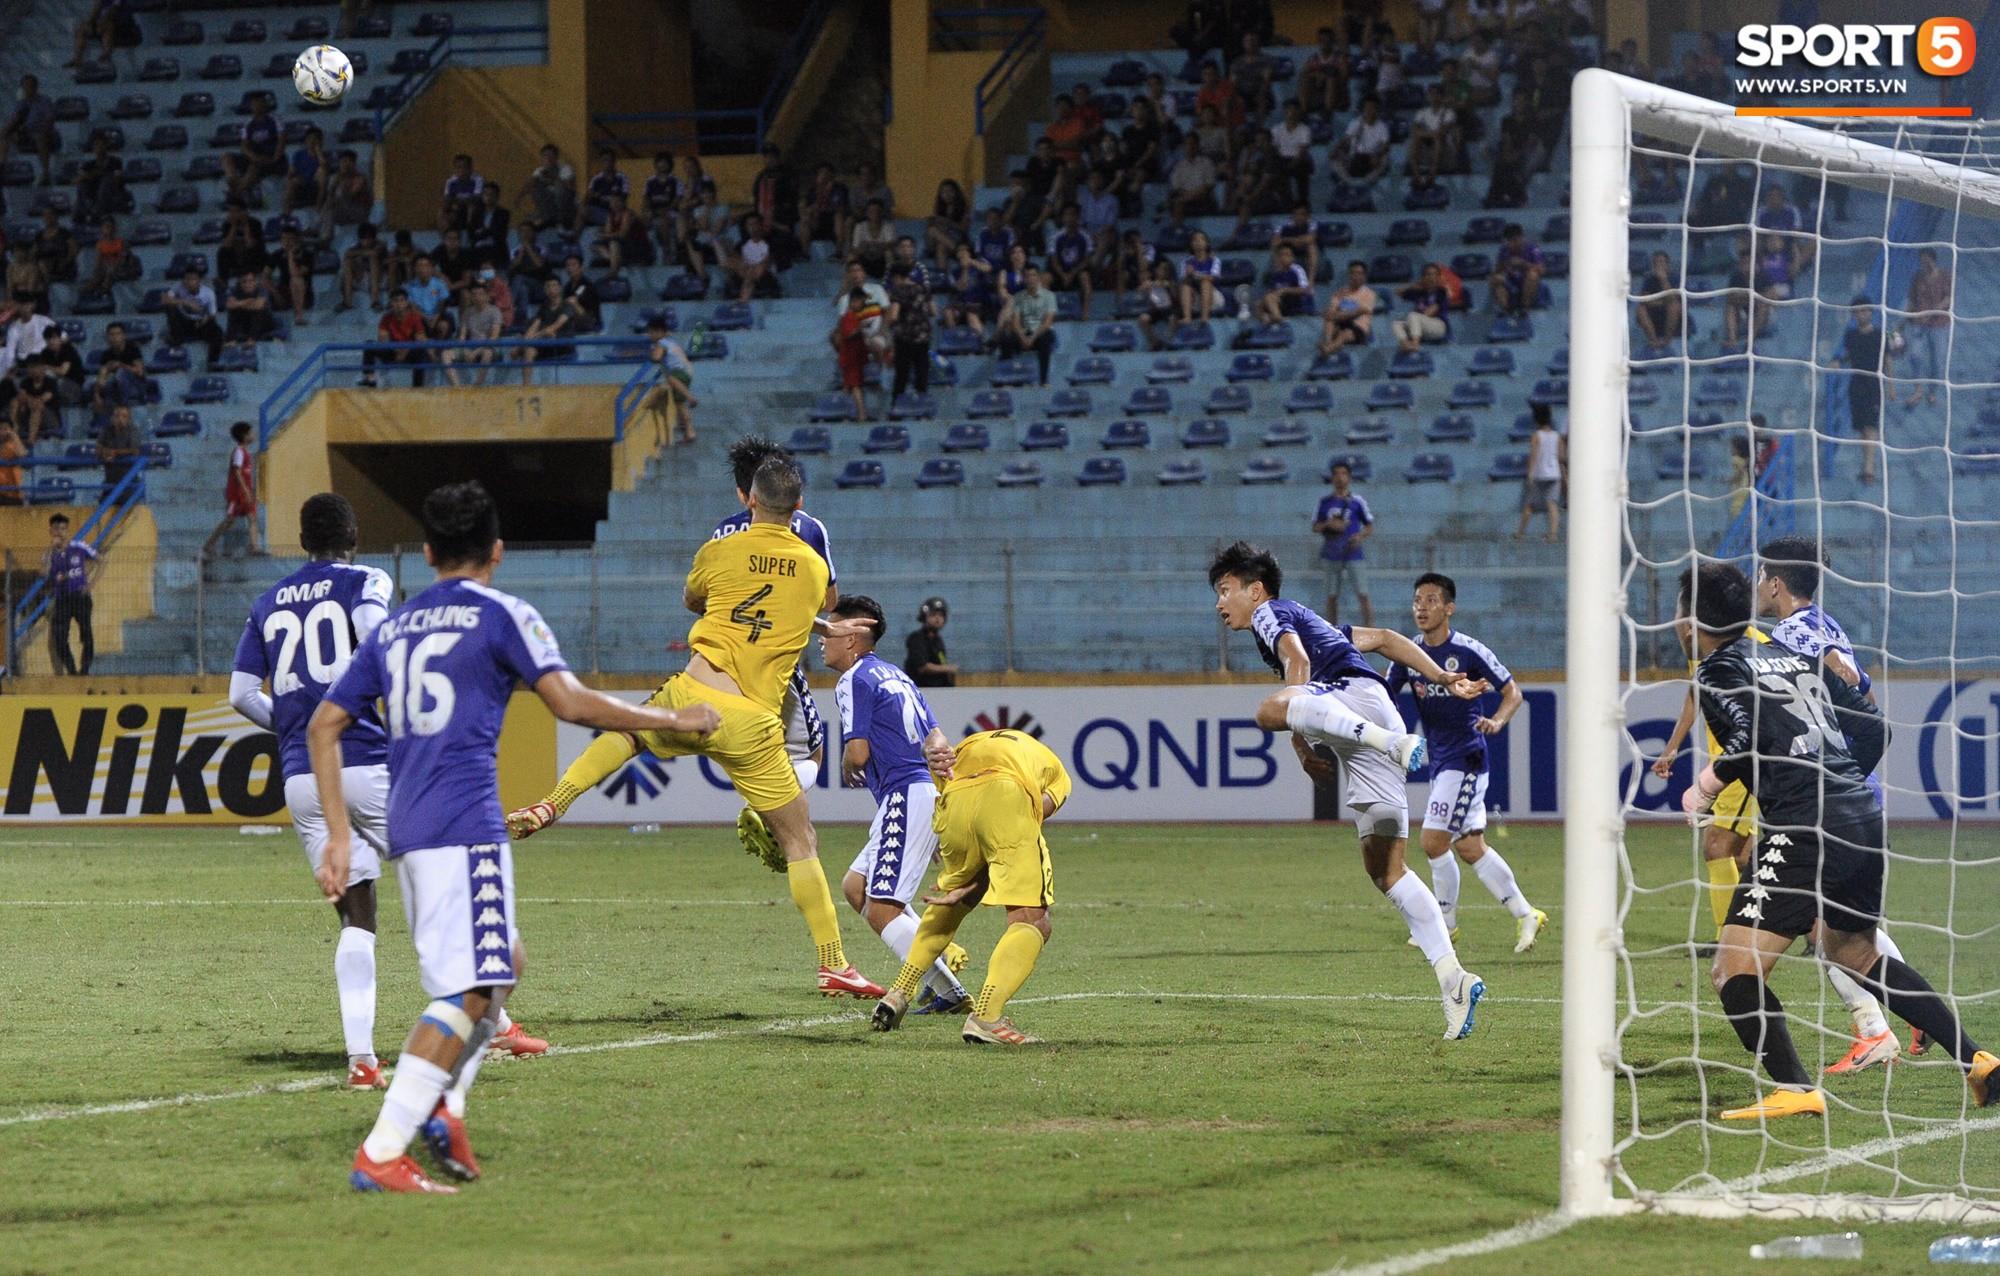 Trước tin đồn đến châu Âu thi đấu, Đoàn Văn Hậu vẫn nỗ lực hết mình vì Hà Nội FC-9